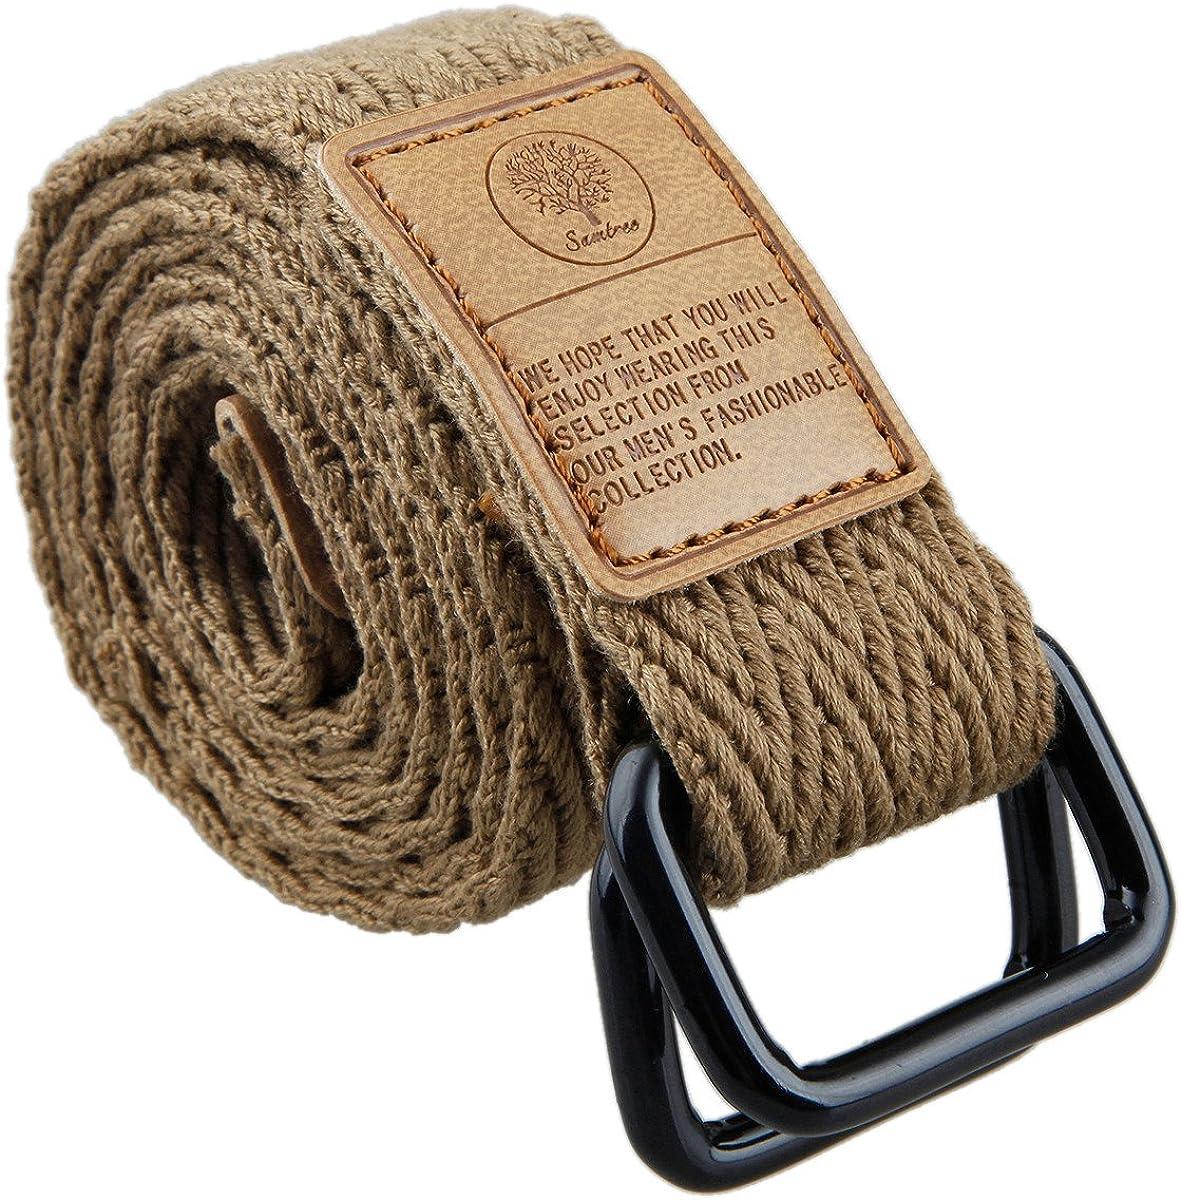 Herren Canvas Belt Heavy Duty Taillenriemen Bund B8N2